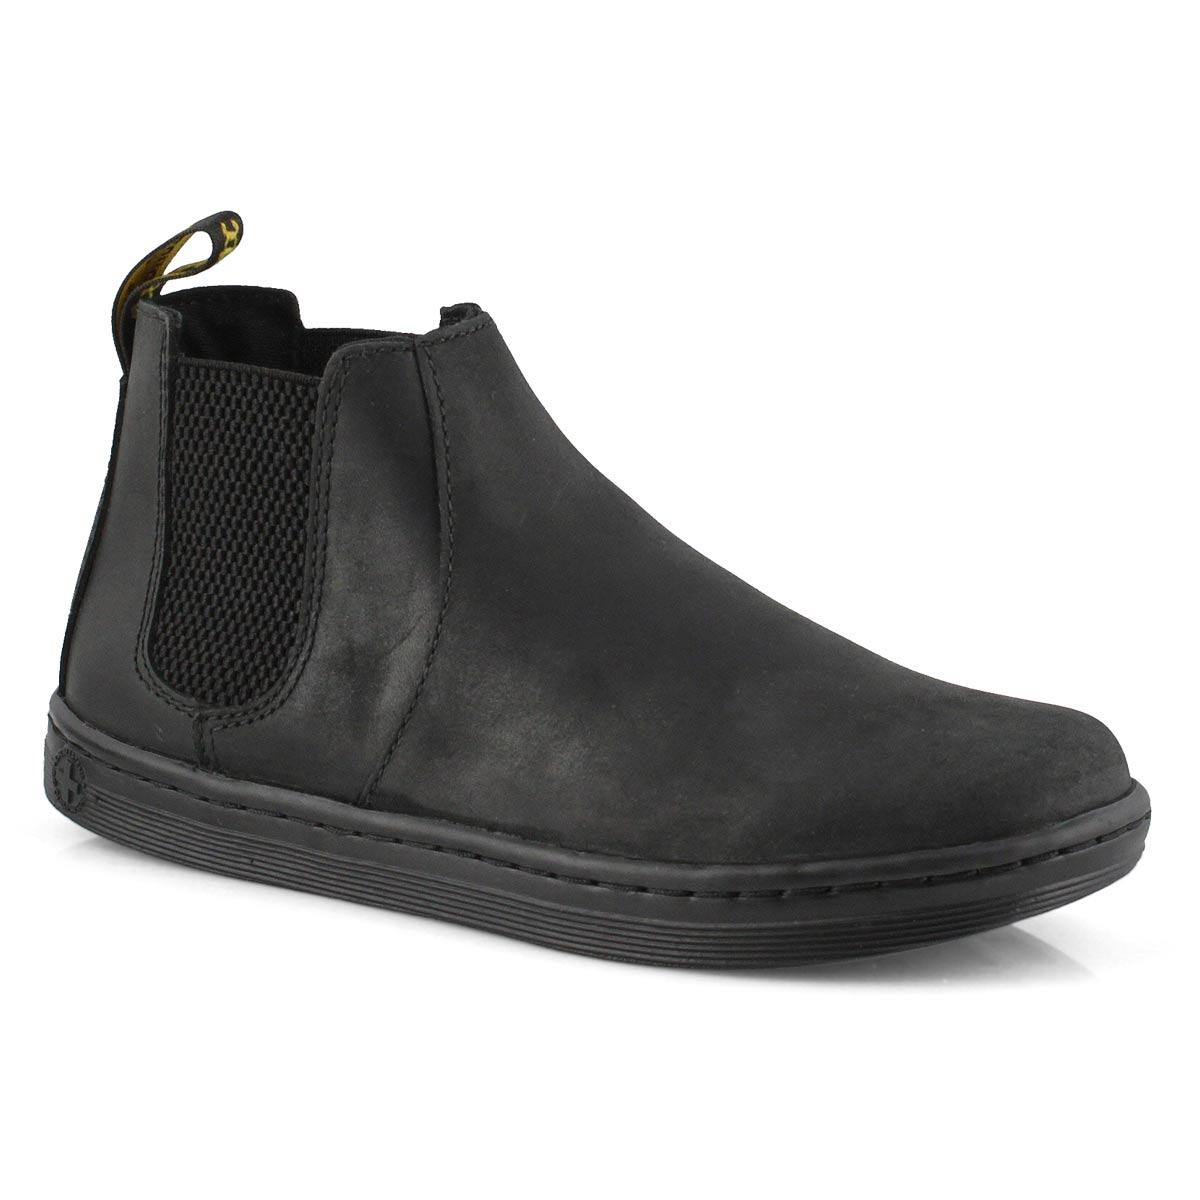 Lds Eclectic Katya black chelsea boot